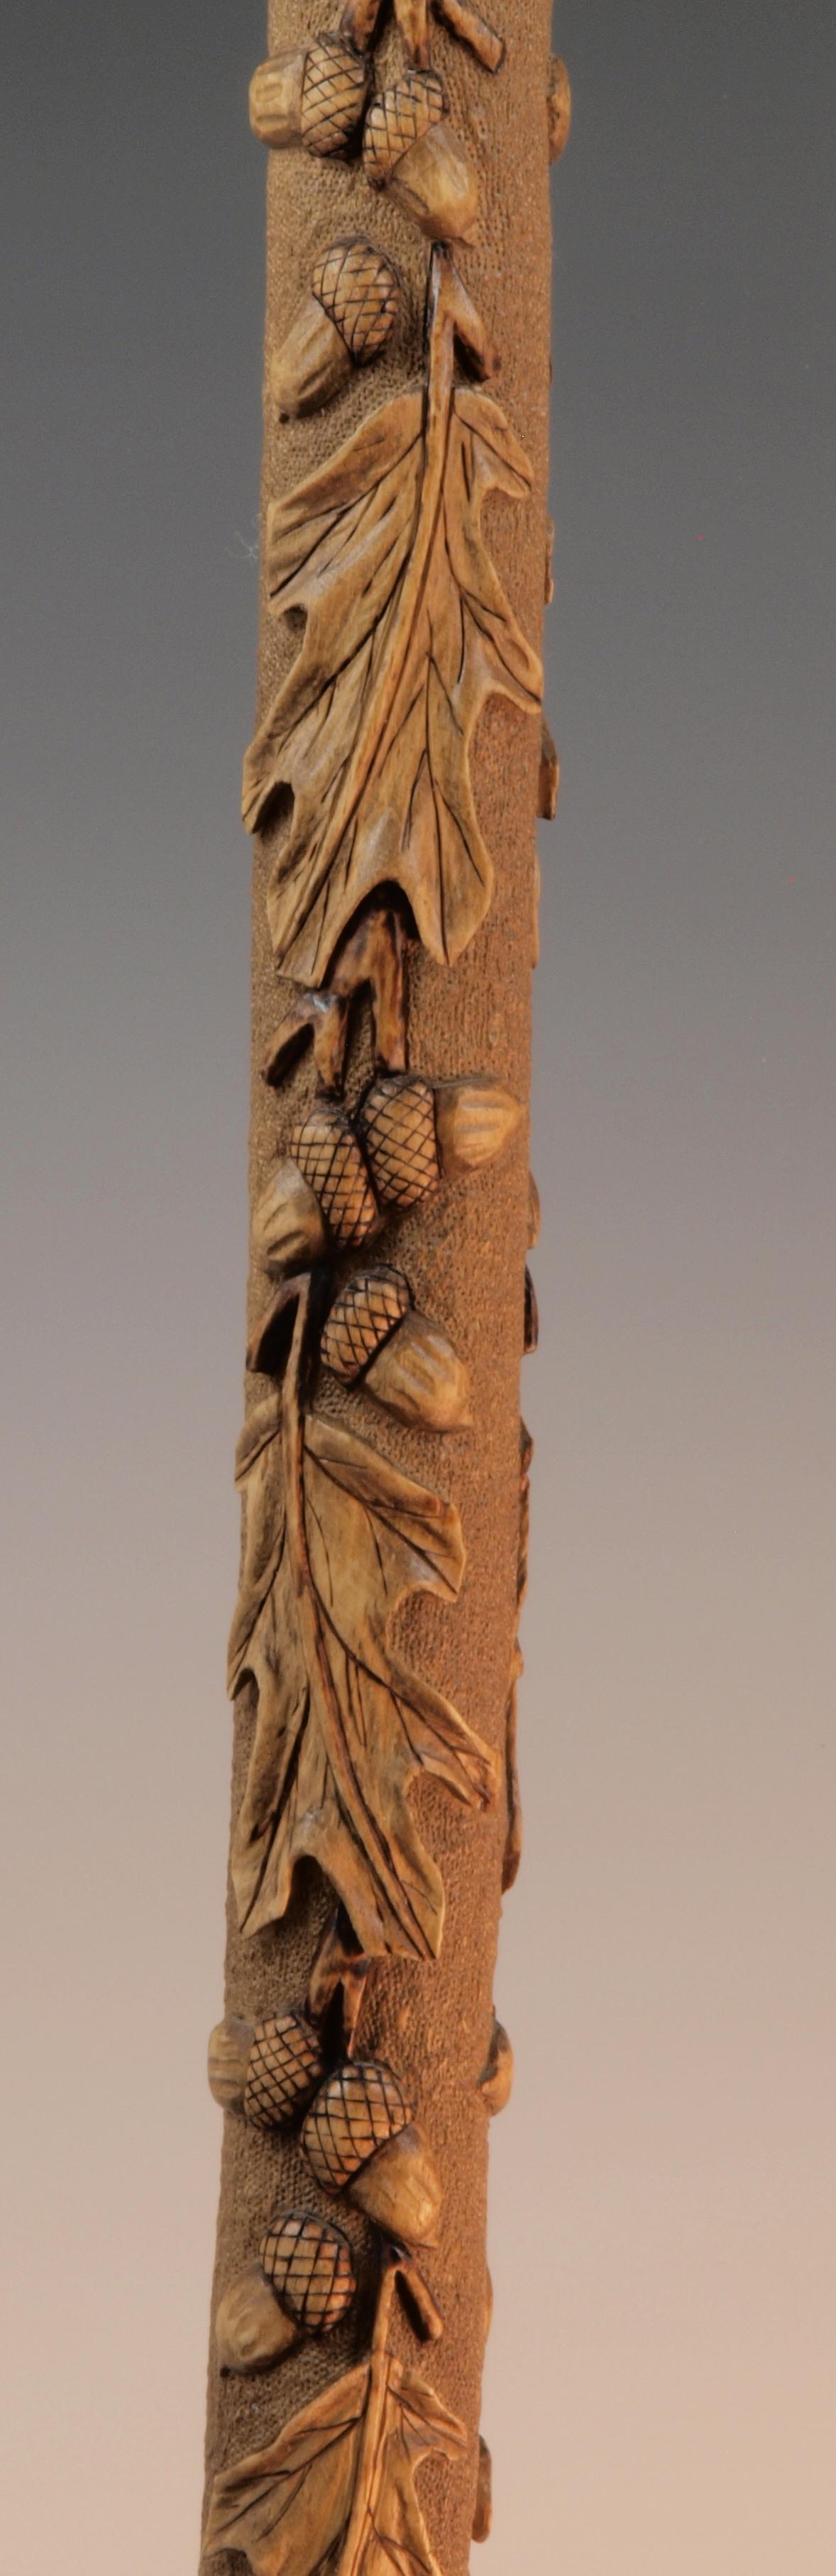 Oak Leaves & Acorns Cane